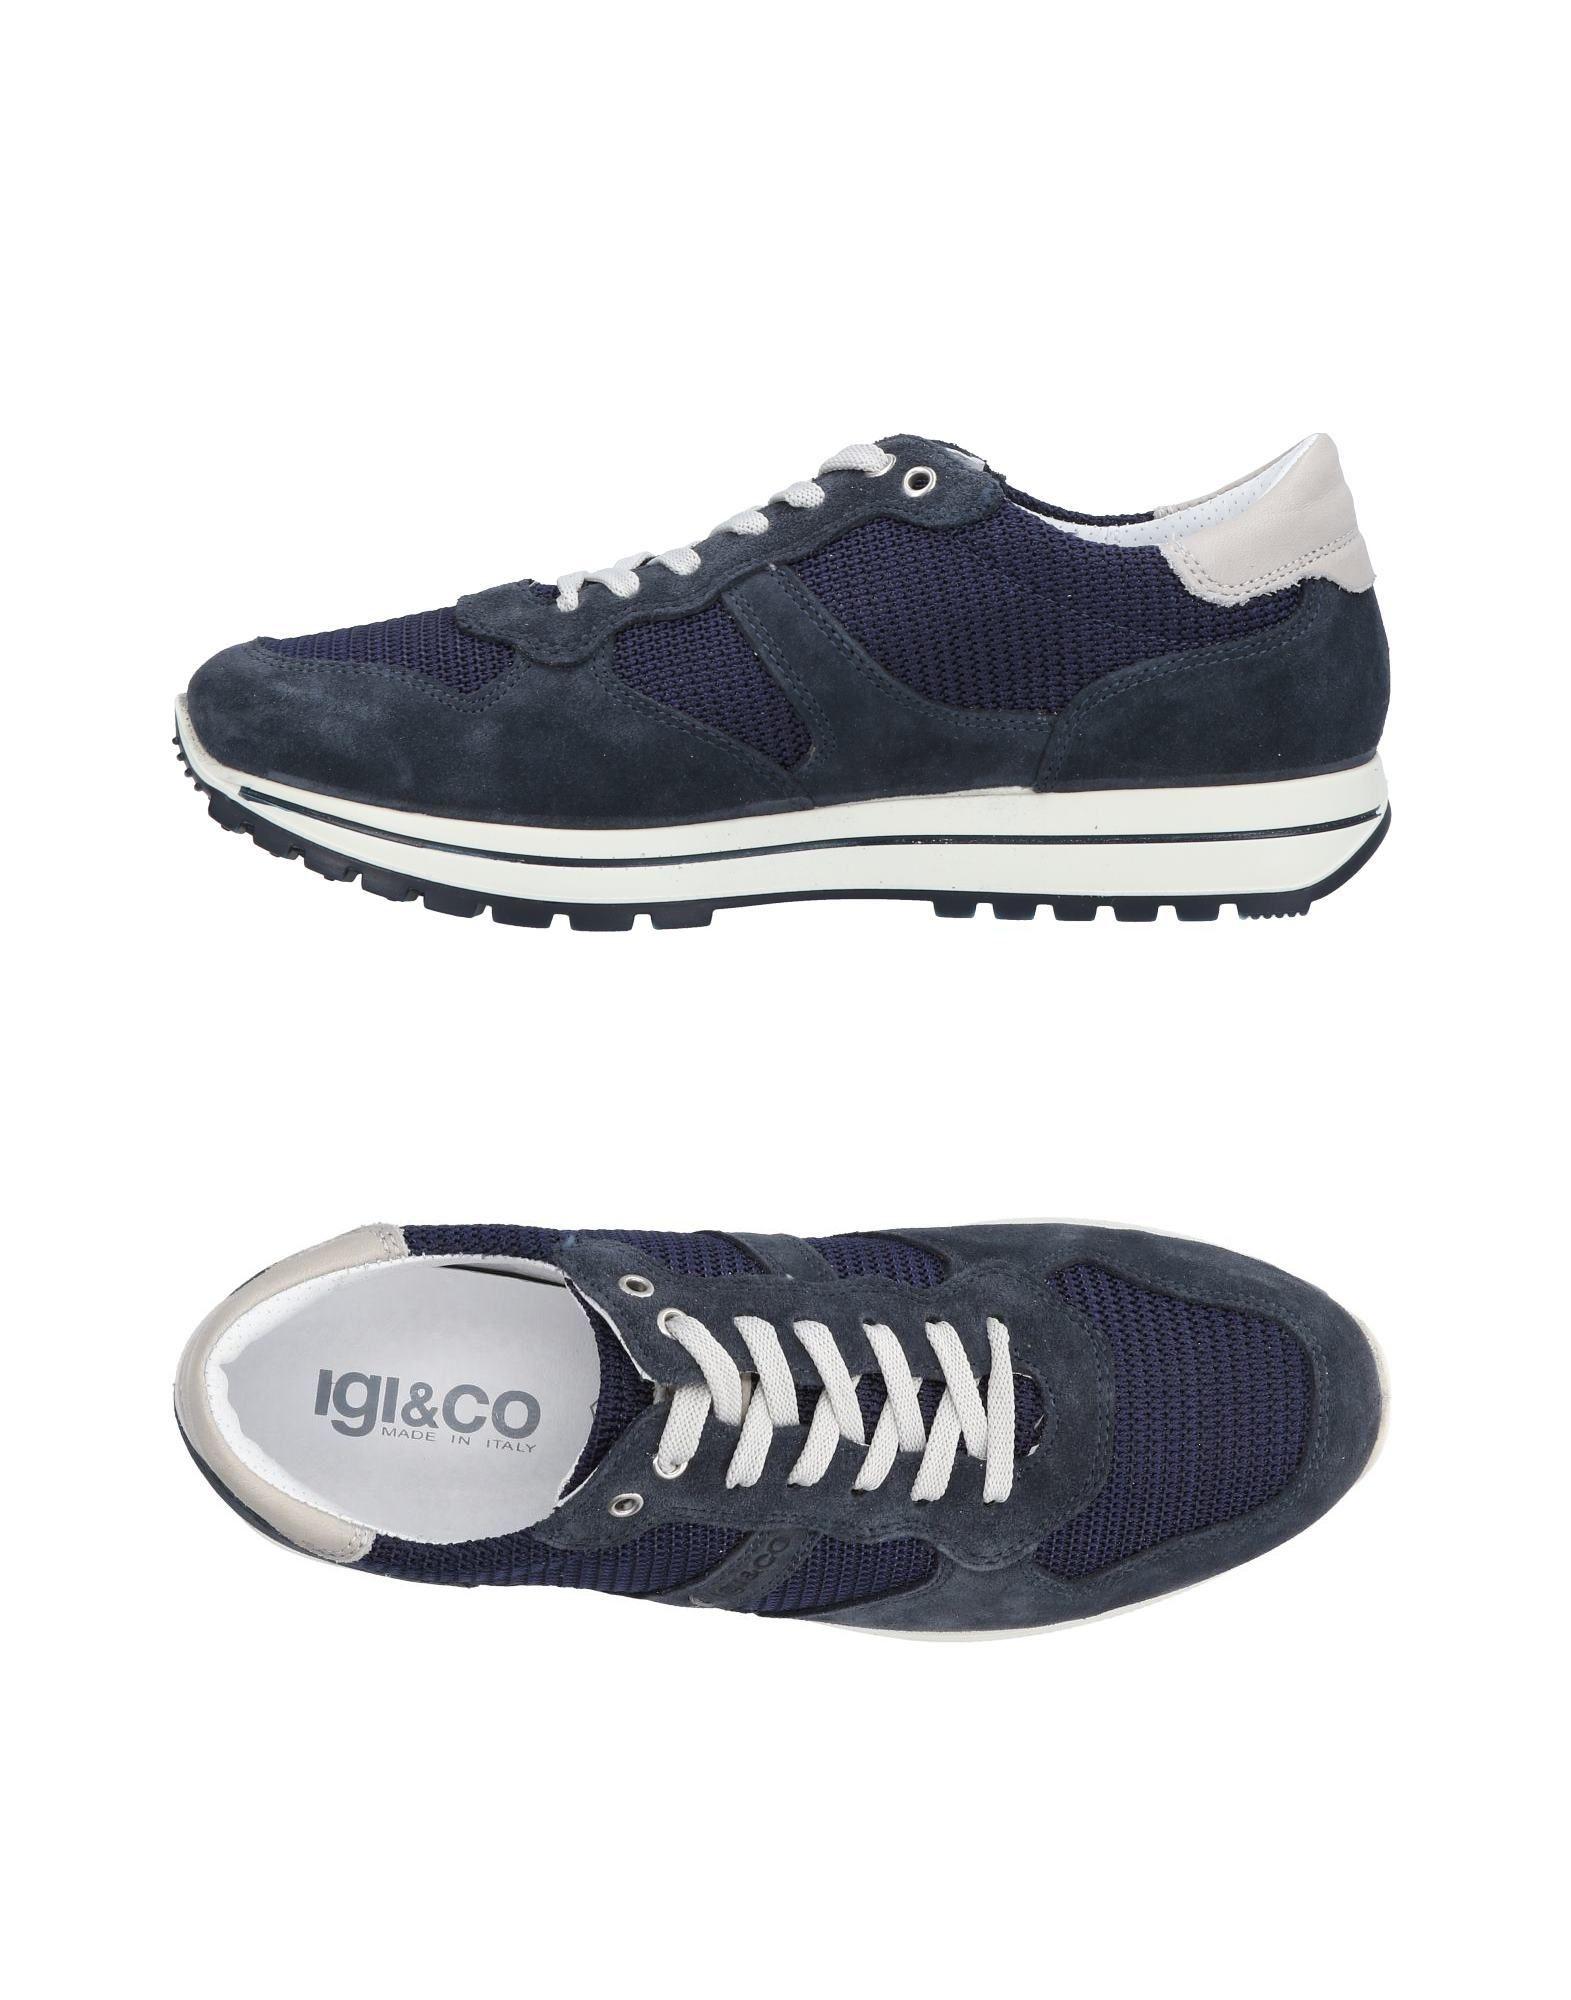 Rabatt echte Schuhe Herren Igi&Co Sneakers Herren Schuhe  11463982XC 46edd0